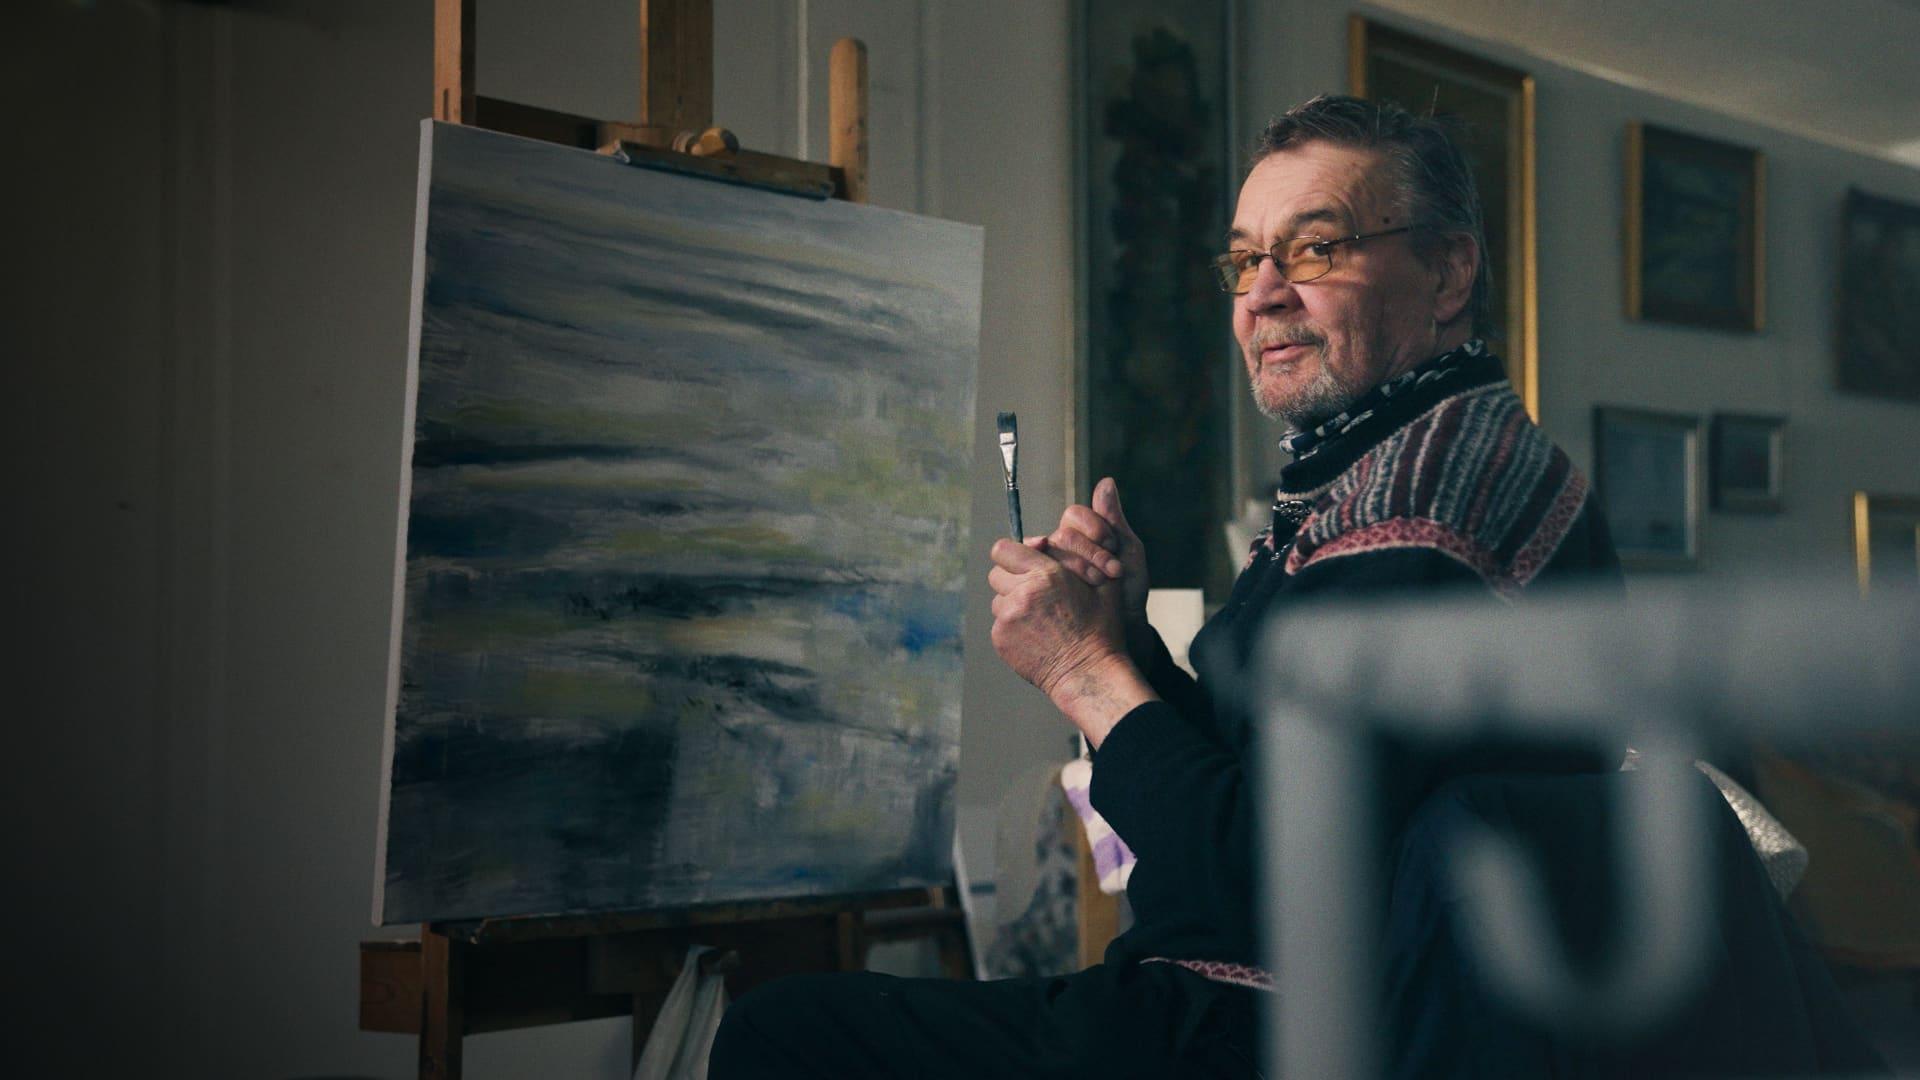 Veli Seppä katsoo kameraan hieman hymyillen pensseli kädessään edessään keskeneräinen maalaus.